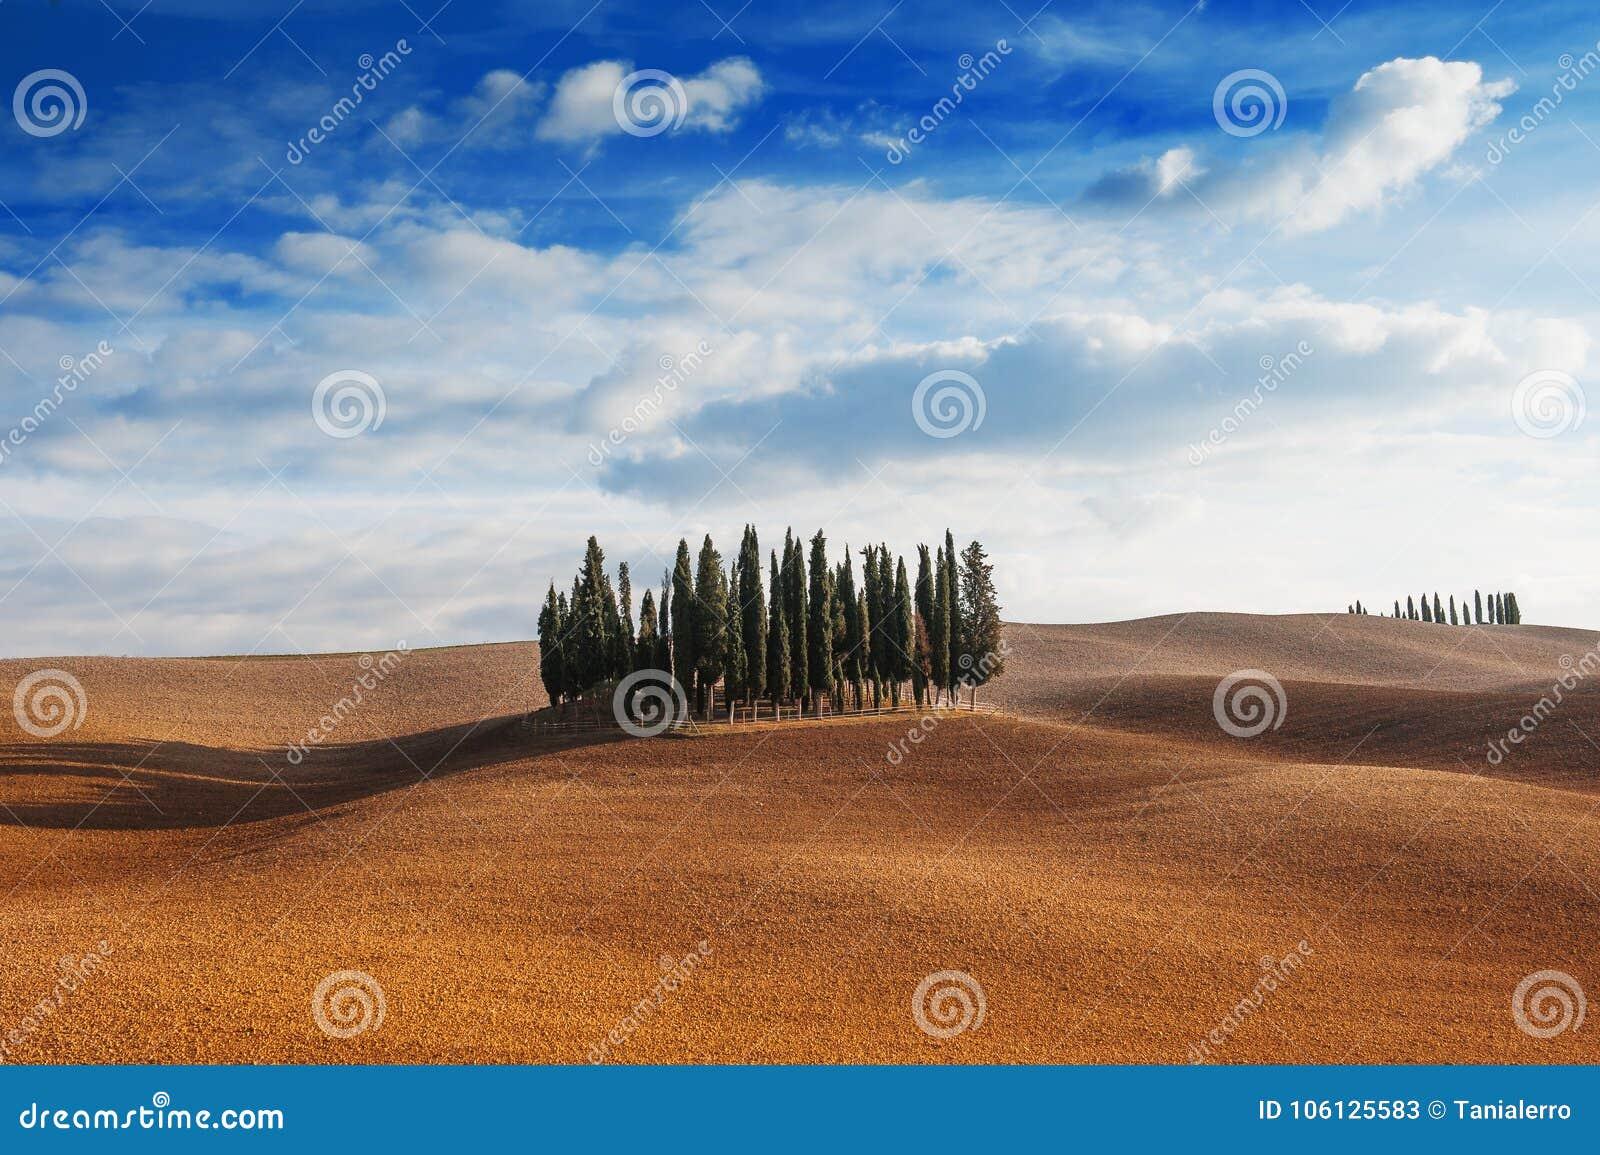 Toscana, Italia - vista escénica del paisaje toscano con Rolling Hills, pequeño bosque de los árboles de ciprés y cielo azul con